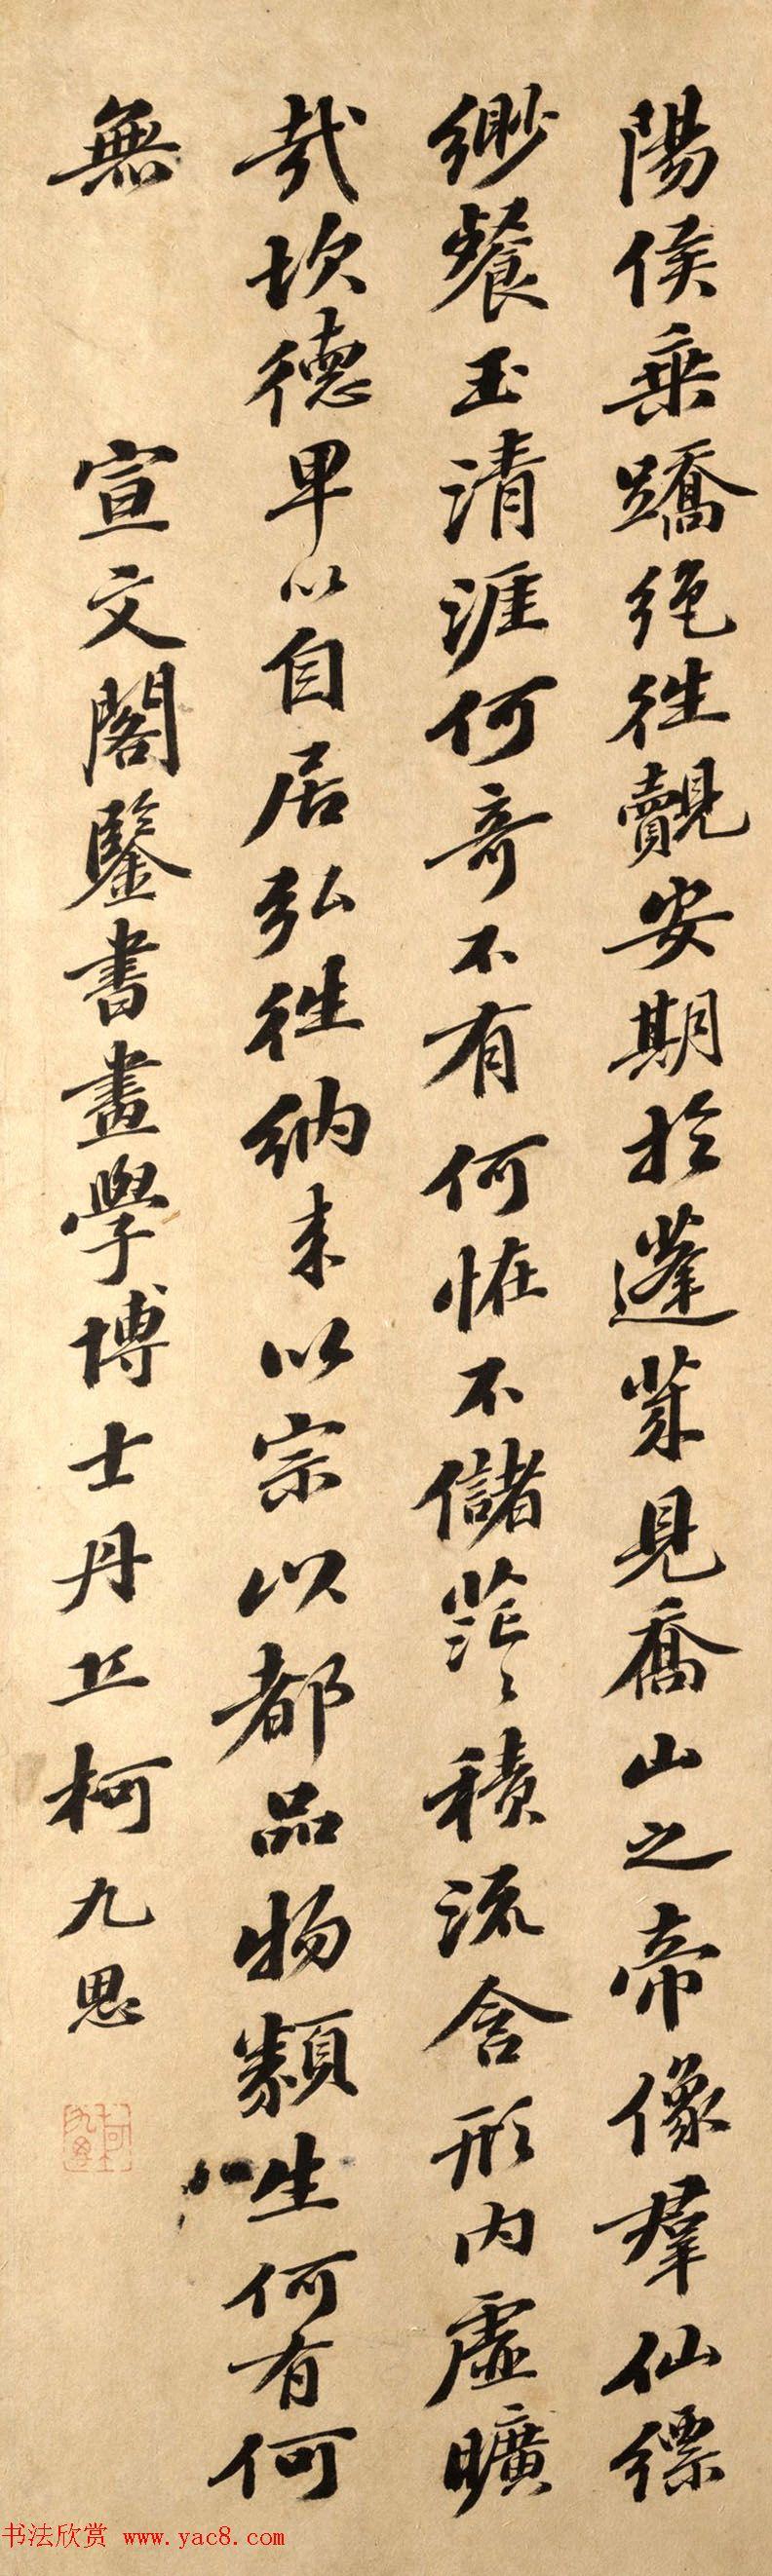 元代柯九思行楷书法墨迹《海赋》